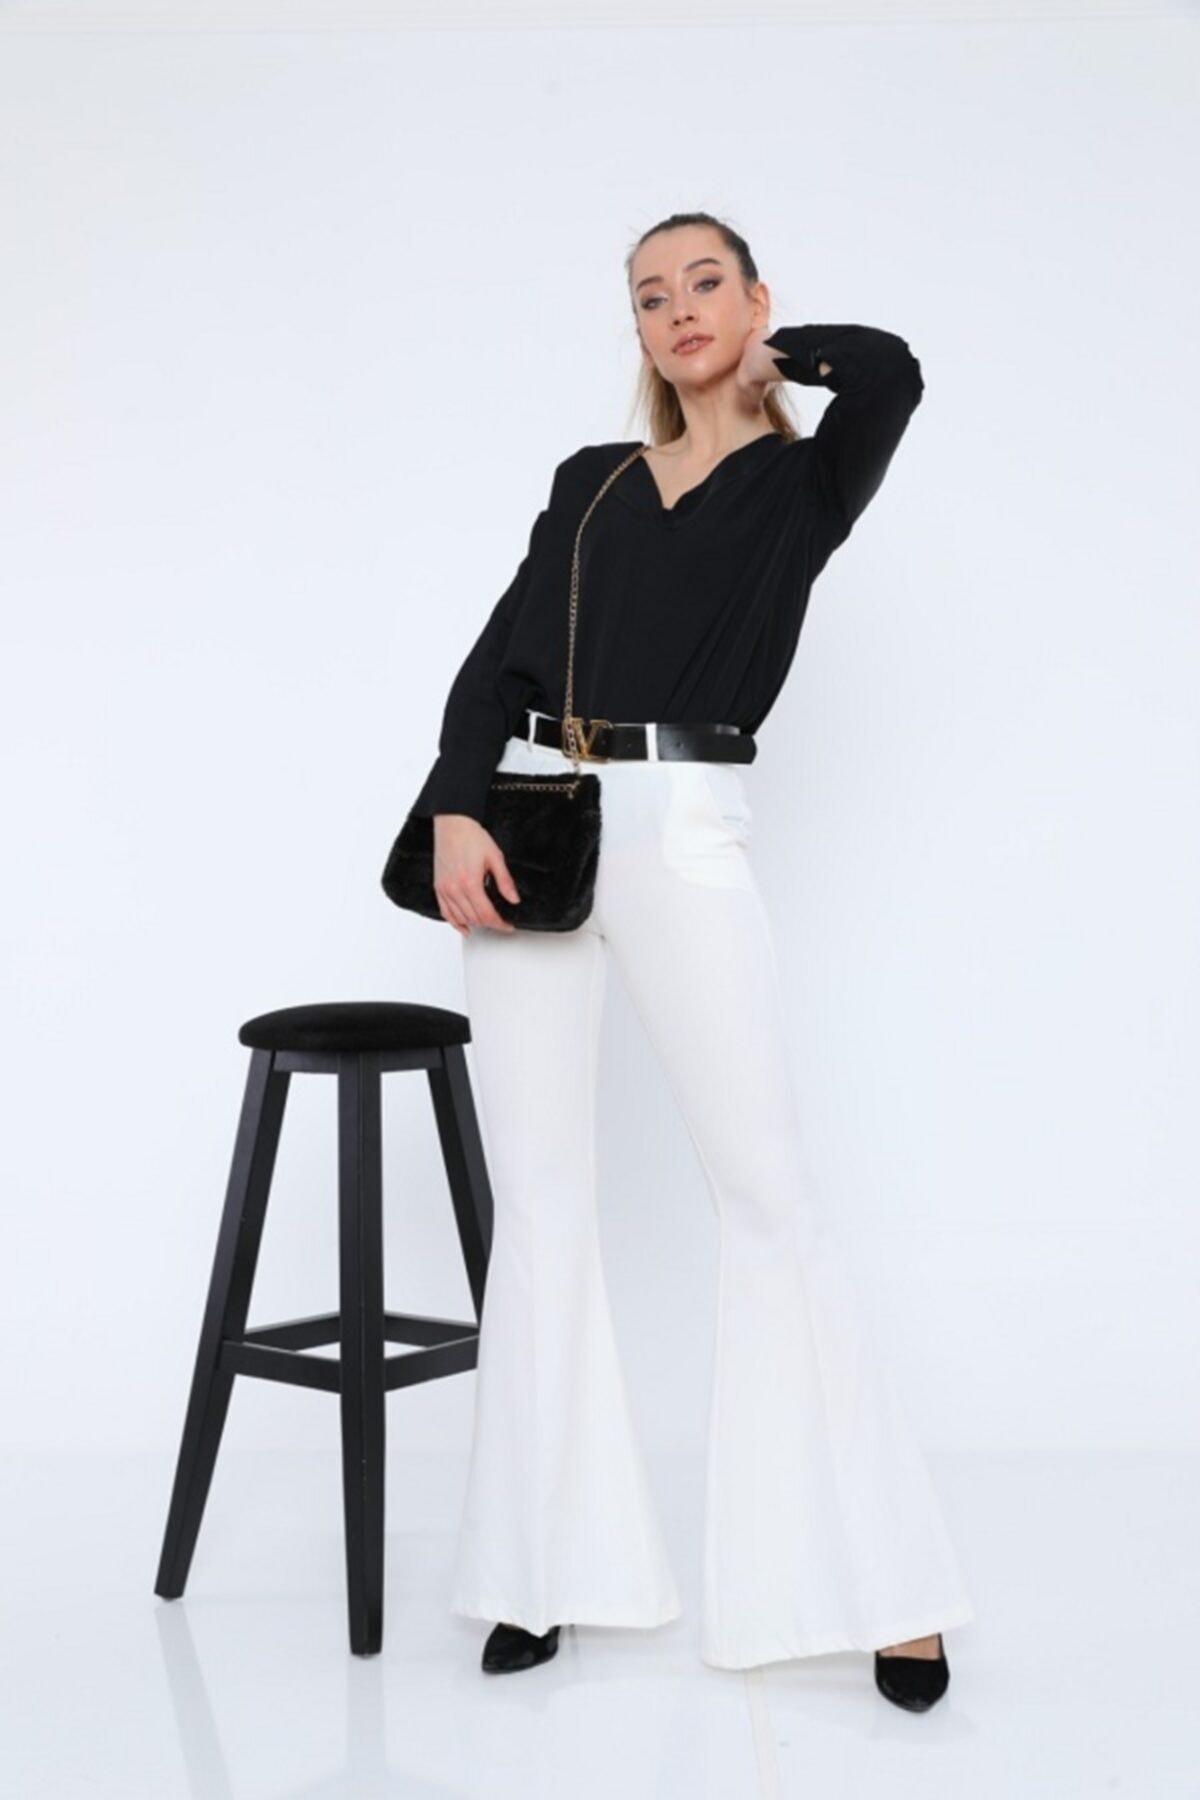 tugg style Kadın Pantolon Double Ispanyol Paça Genişliği 40 Cm'dir. 1